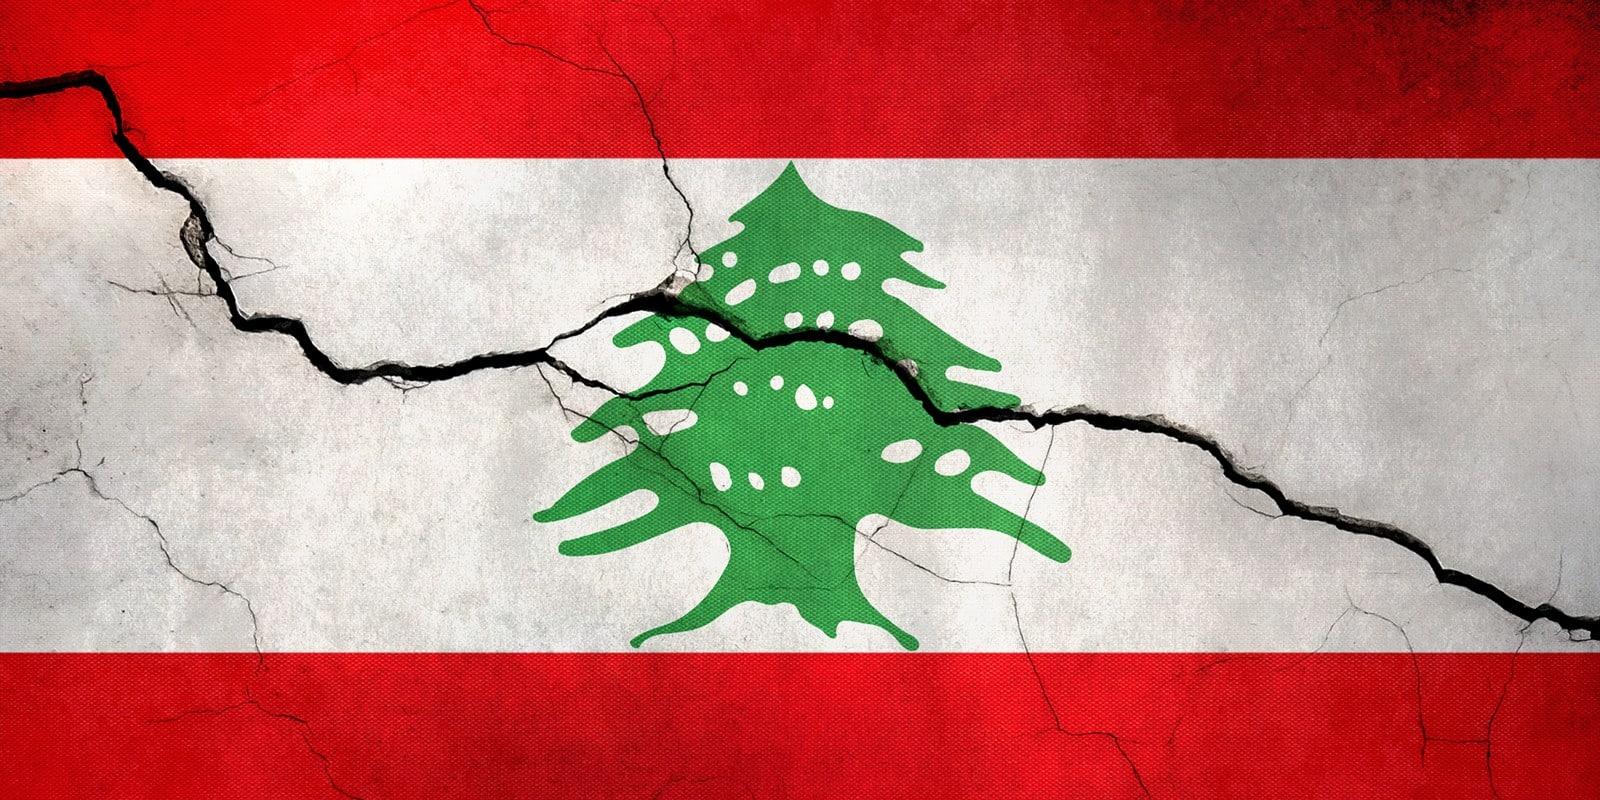 Lebanon flag broken illustration